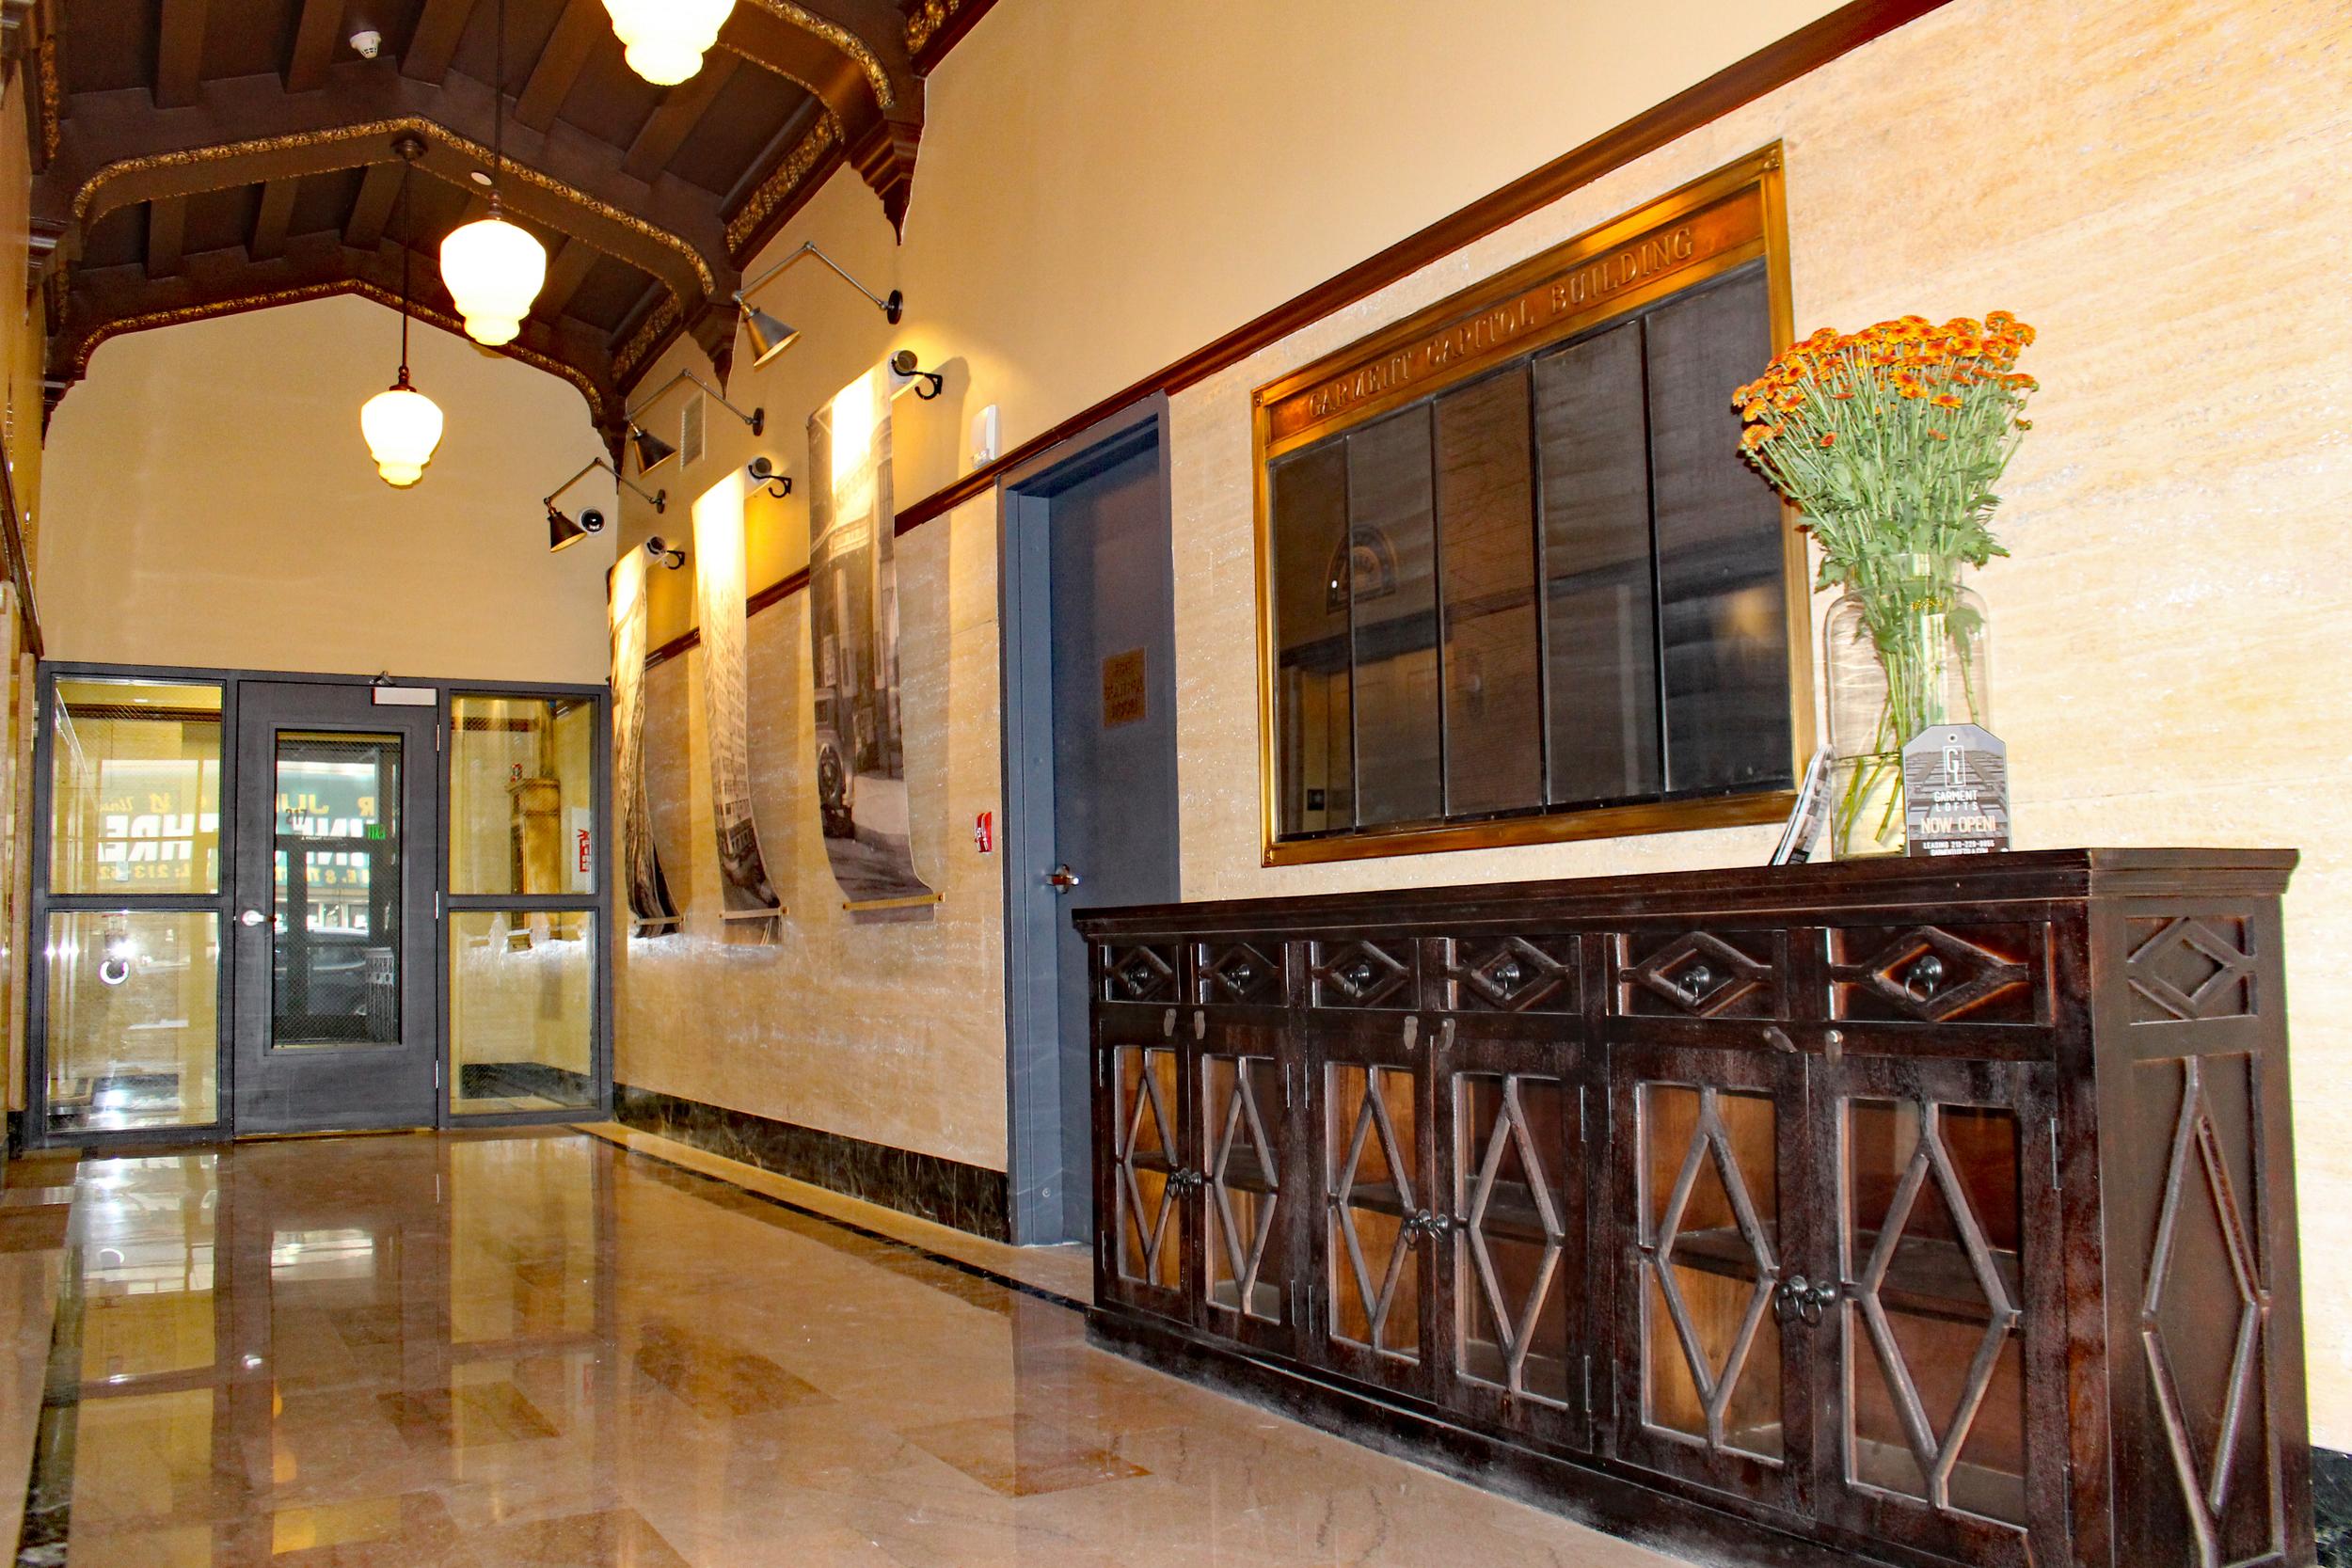 Entrance at Garment Lofts